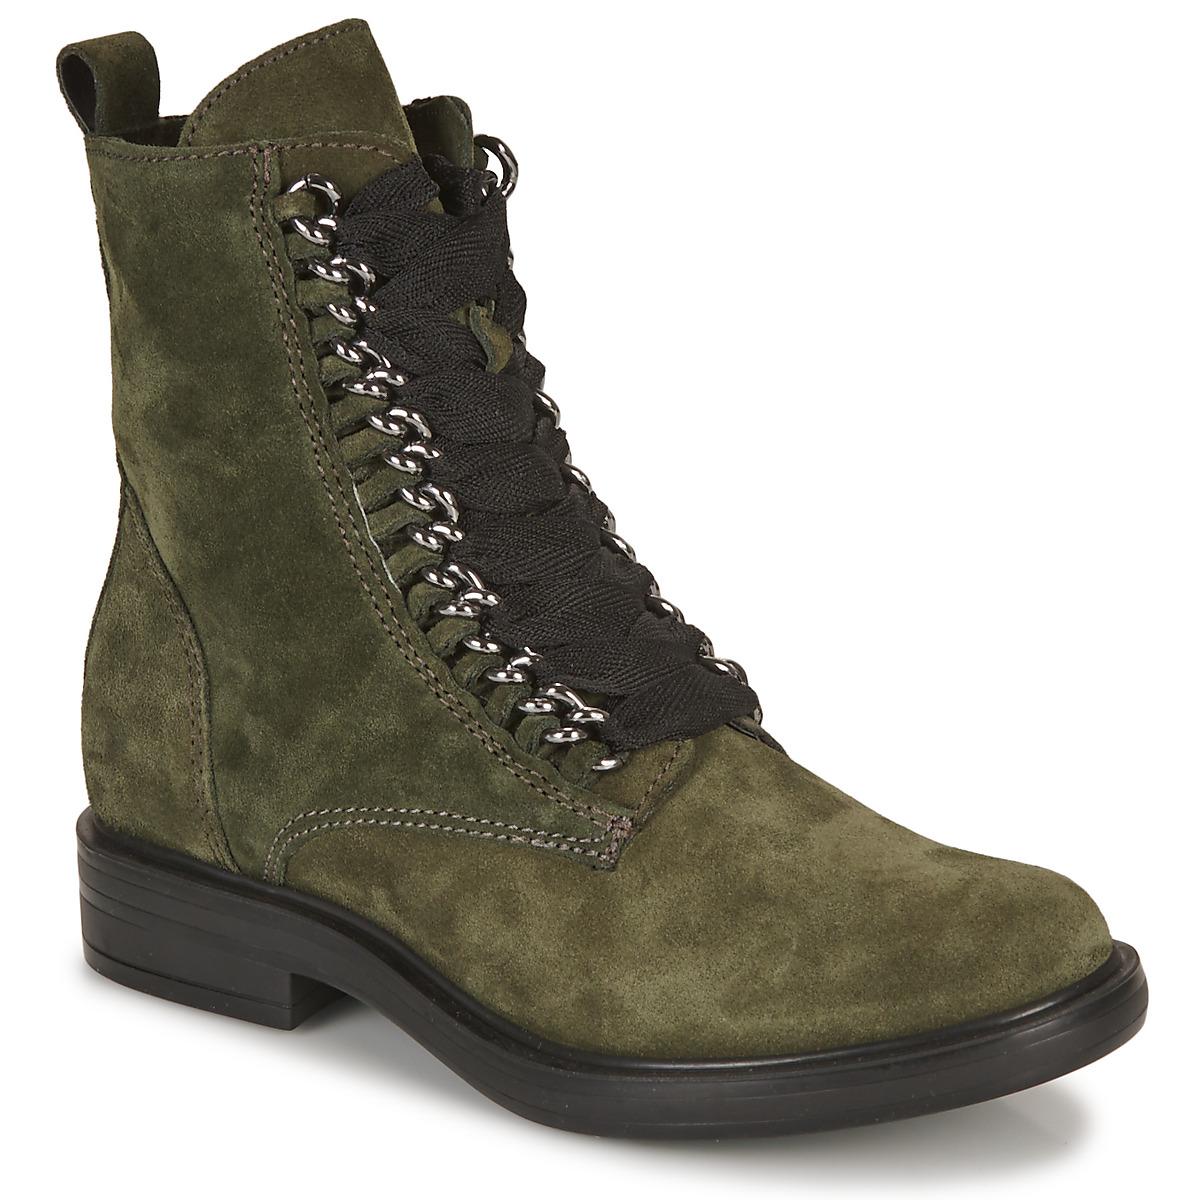 Mjus CAFE CHAIN Kaki - Kostenloser Versand bei Spartoode ! - Schuhe Boots Damen 103,20 €